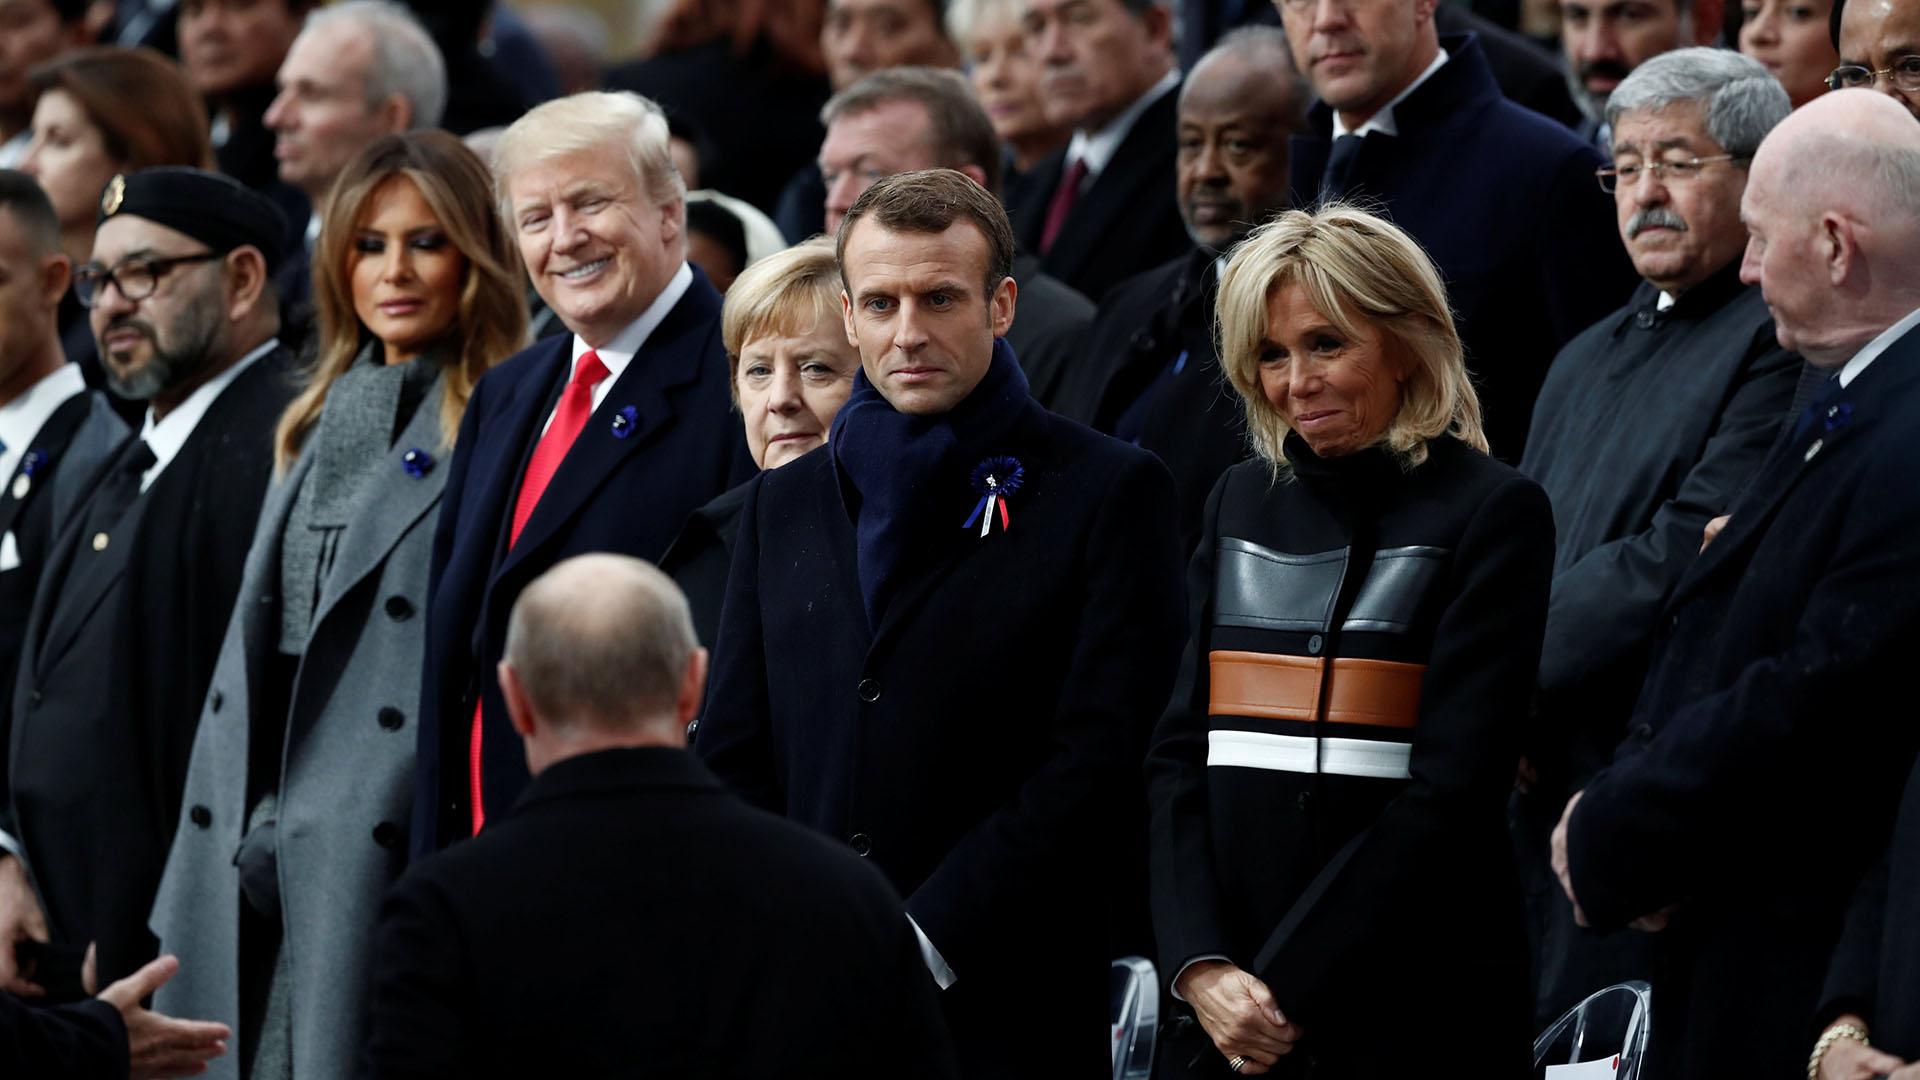 El presidente ruso Vladimir Putin, de espaldas, fue el último en llegar